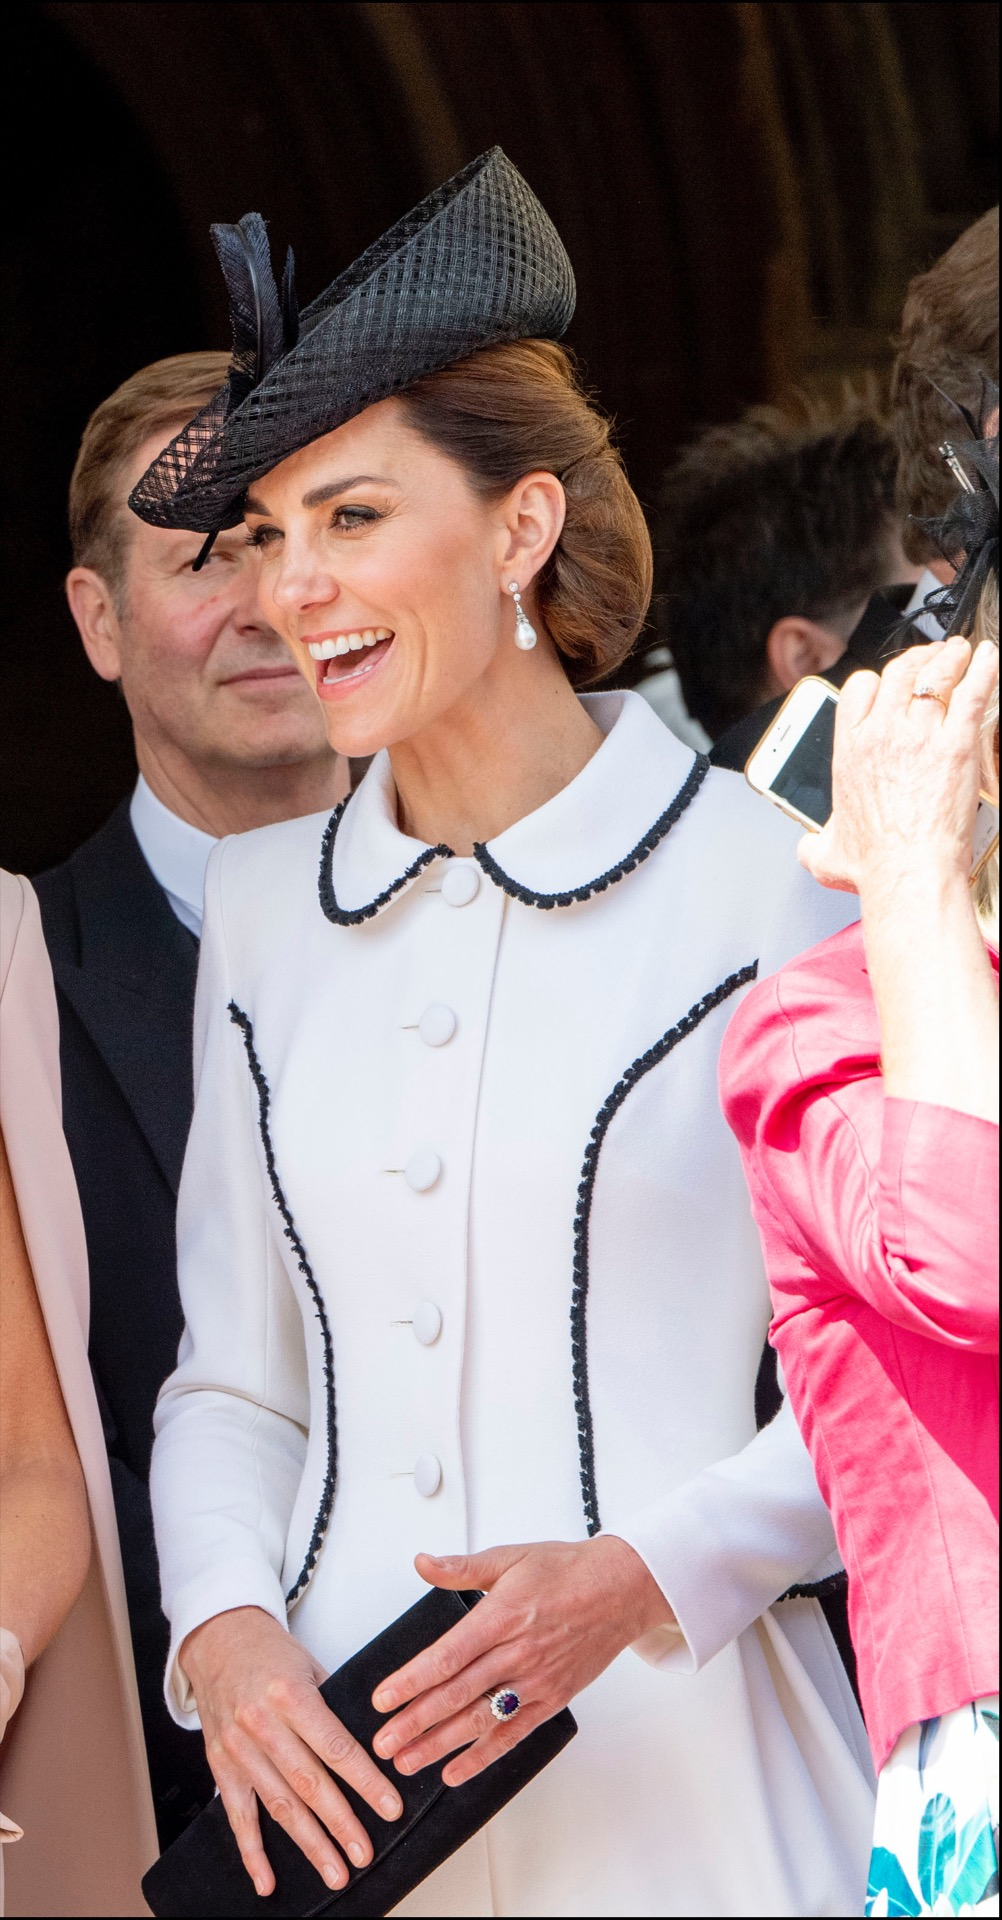 Kate Middleton llevó un recogido realizado con una media cola que en lugar de dejar el pelo suelto formaron un abultado rodete hacia adentro.